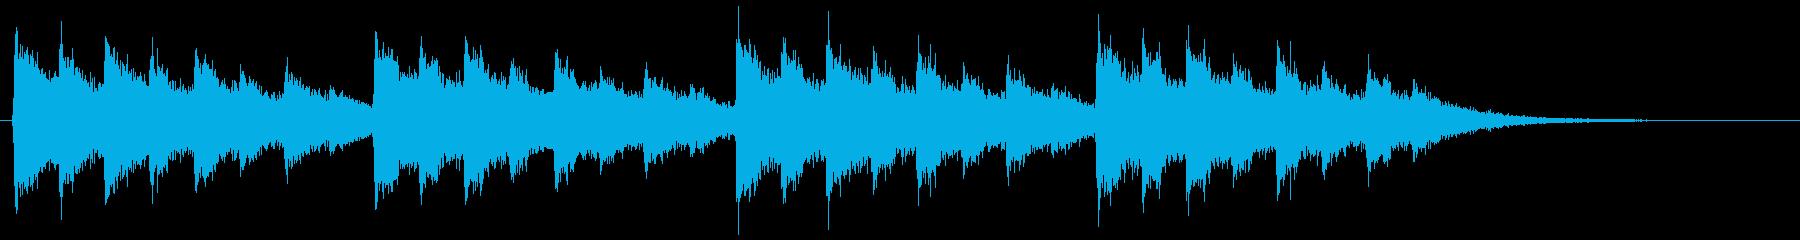 148クリスマスのベル音1の再生済みの波形